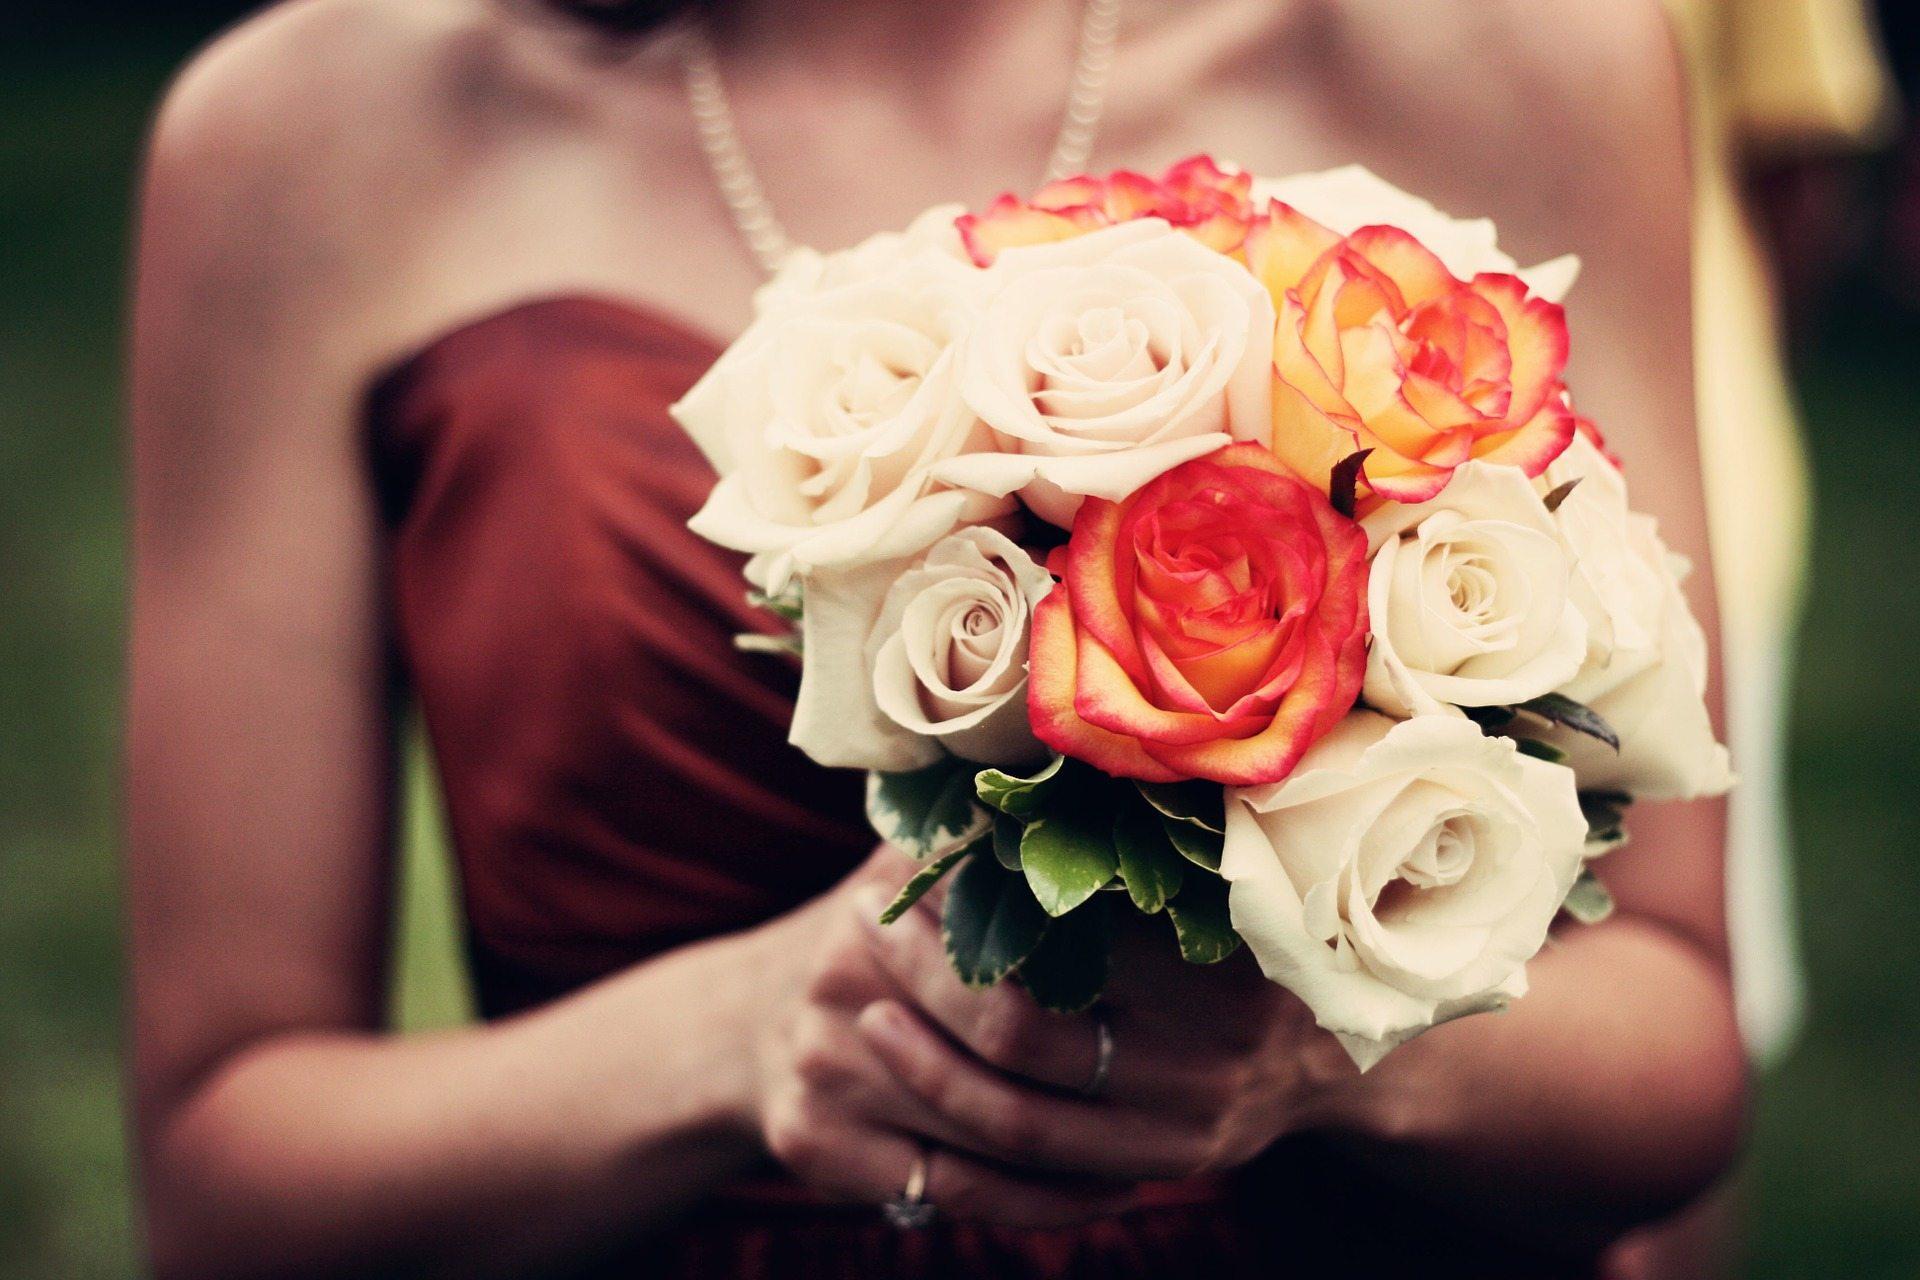 bouquet-1246307_1920